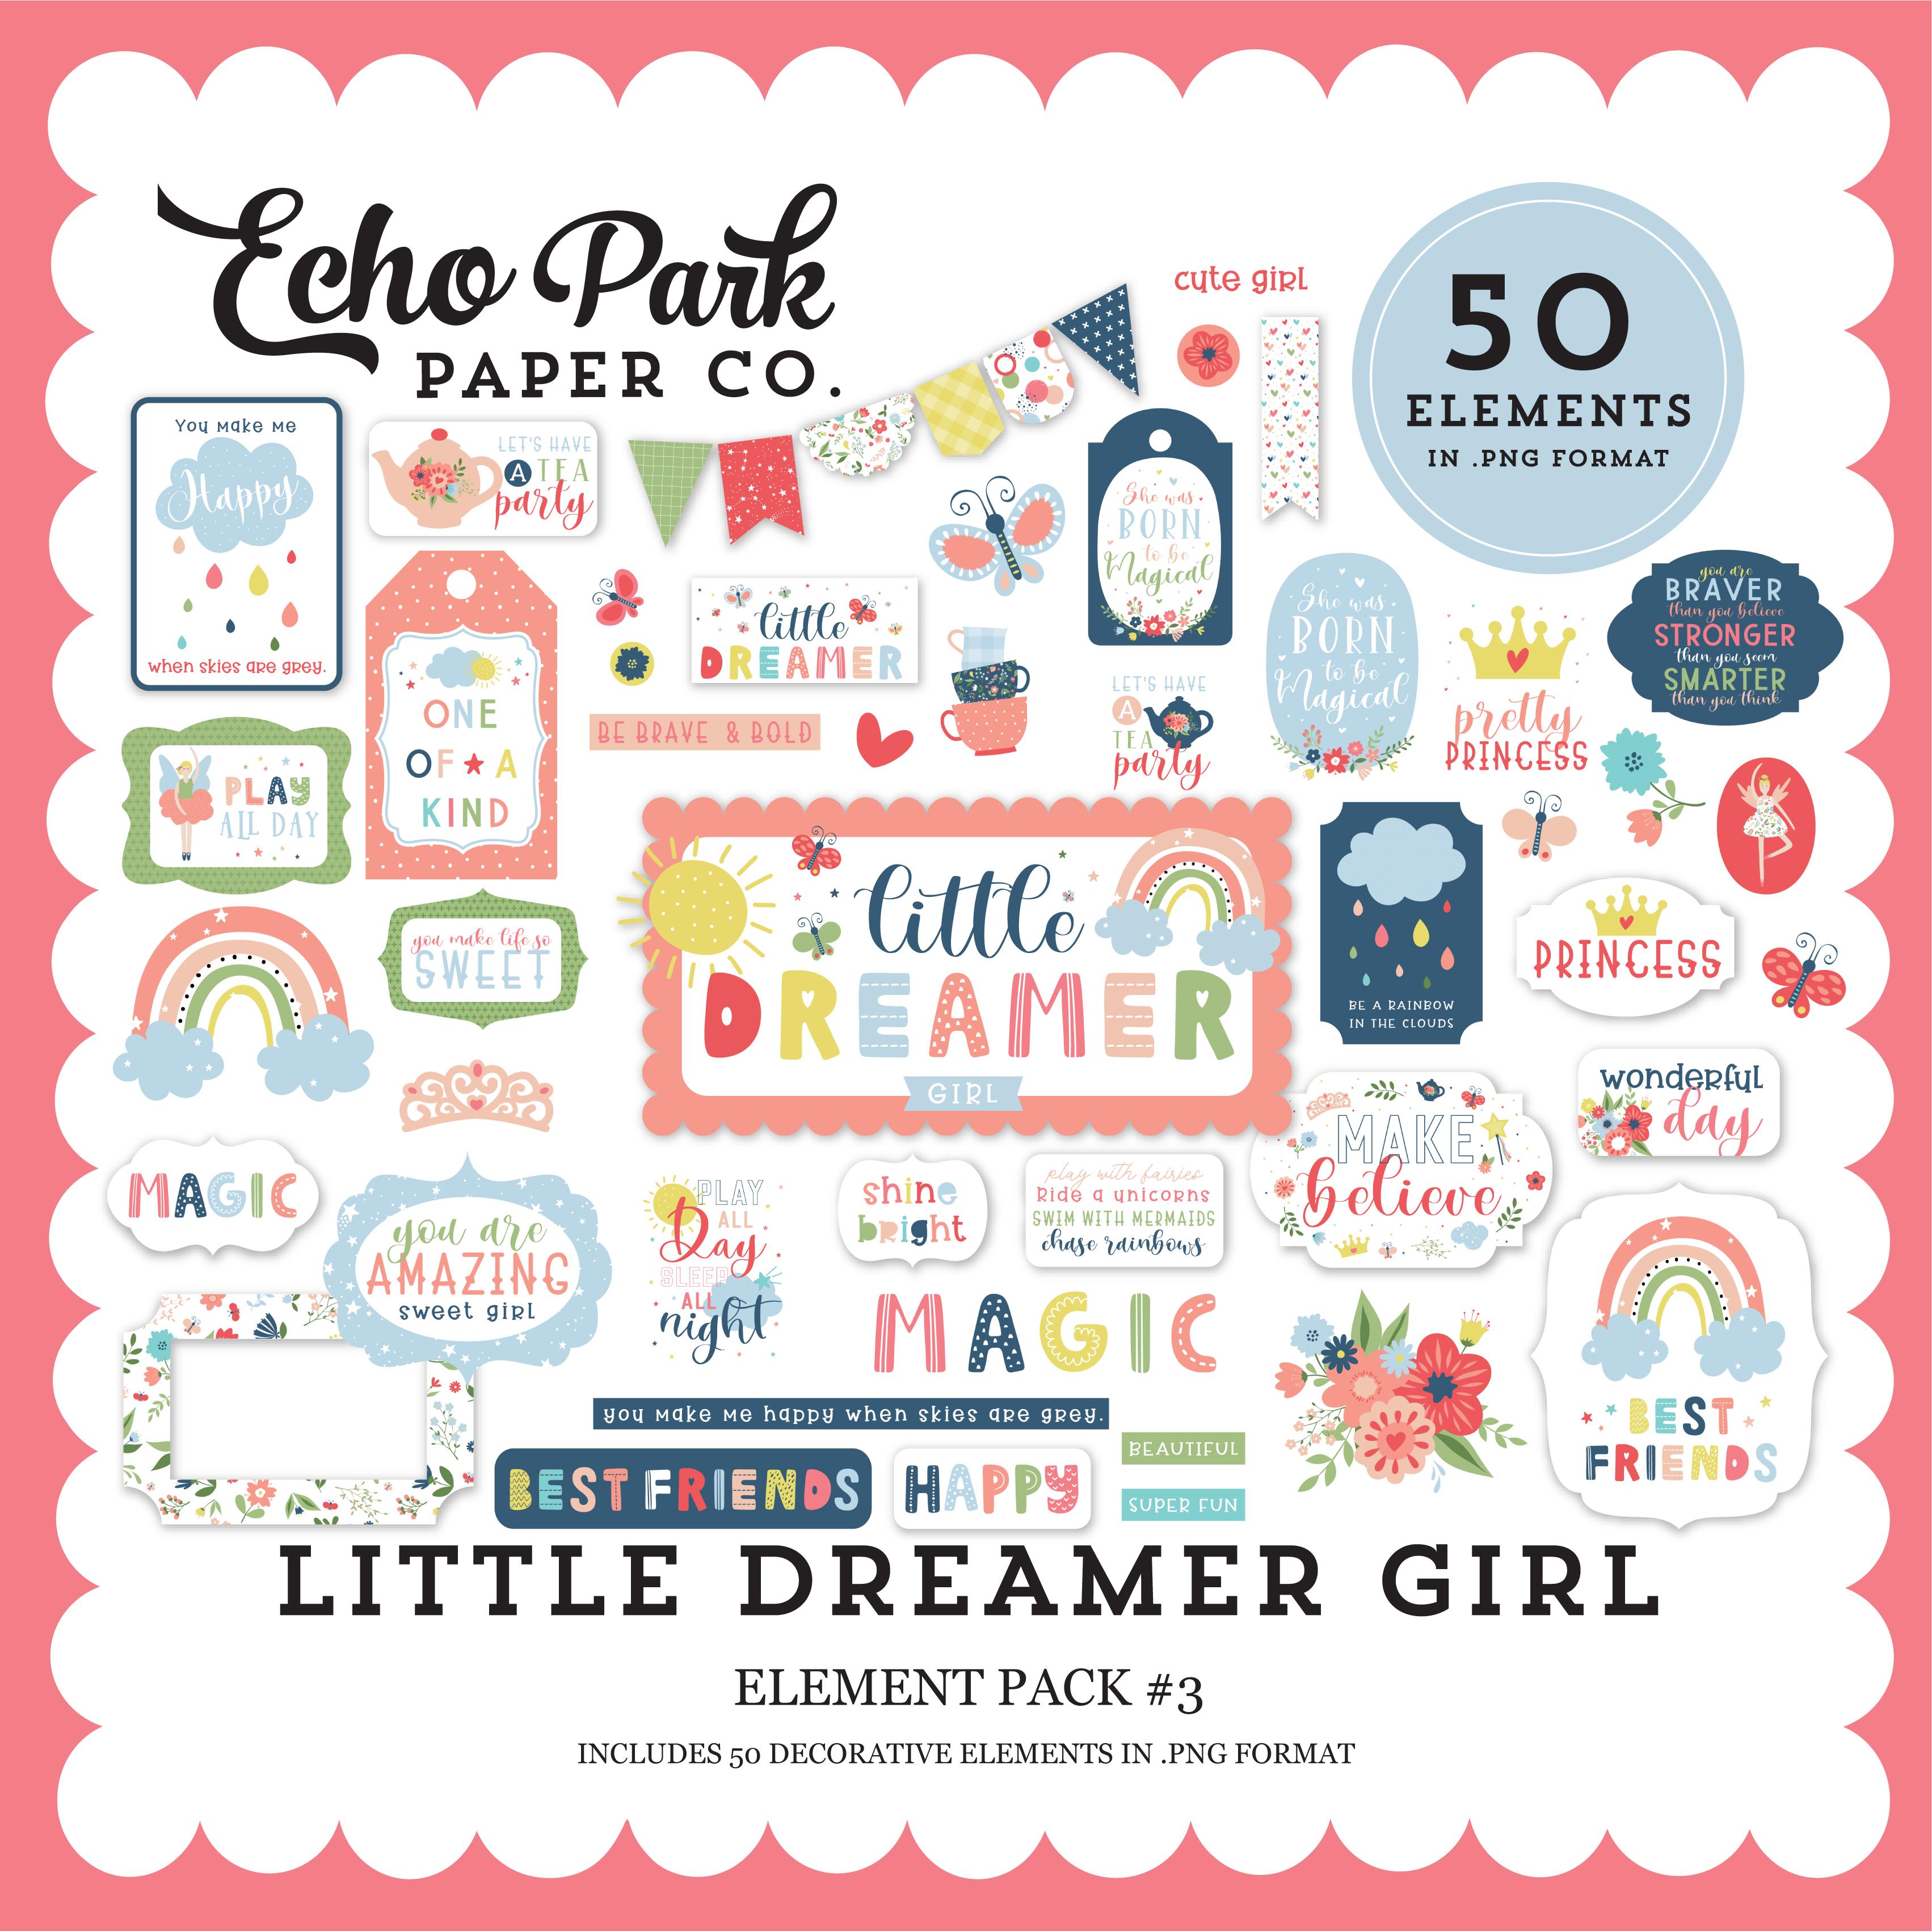 Little Dreamer Girl Element Pack #3